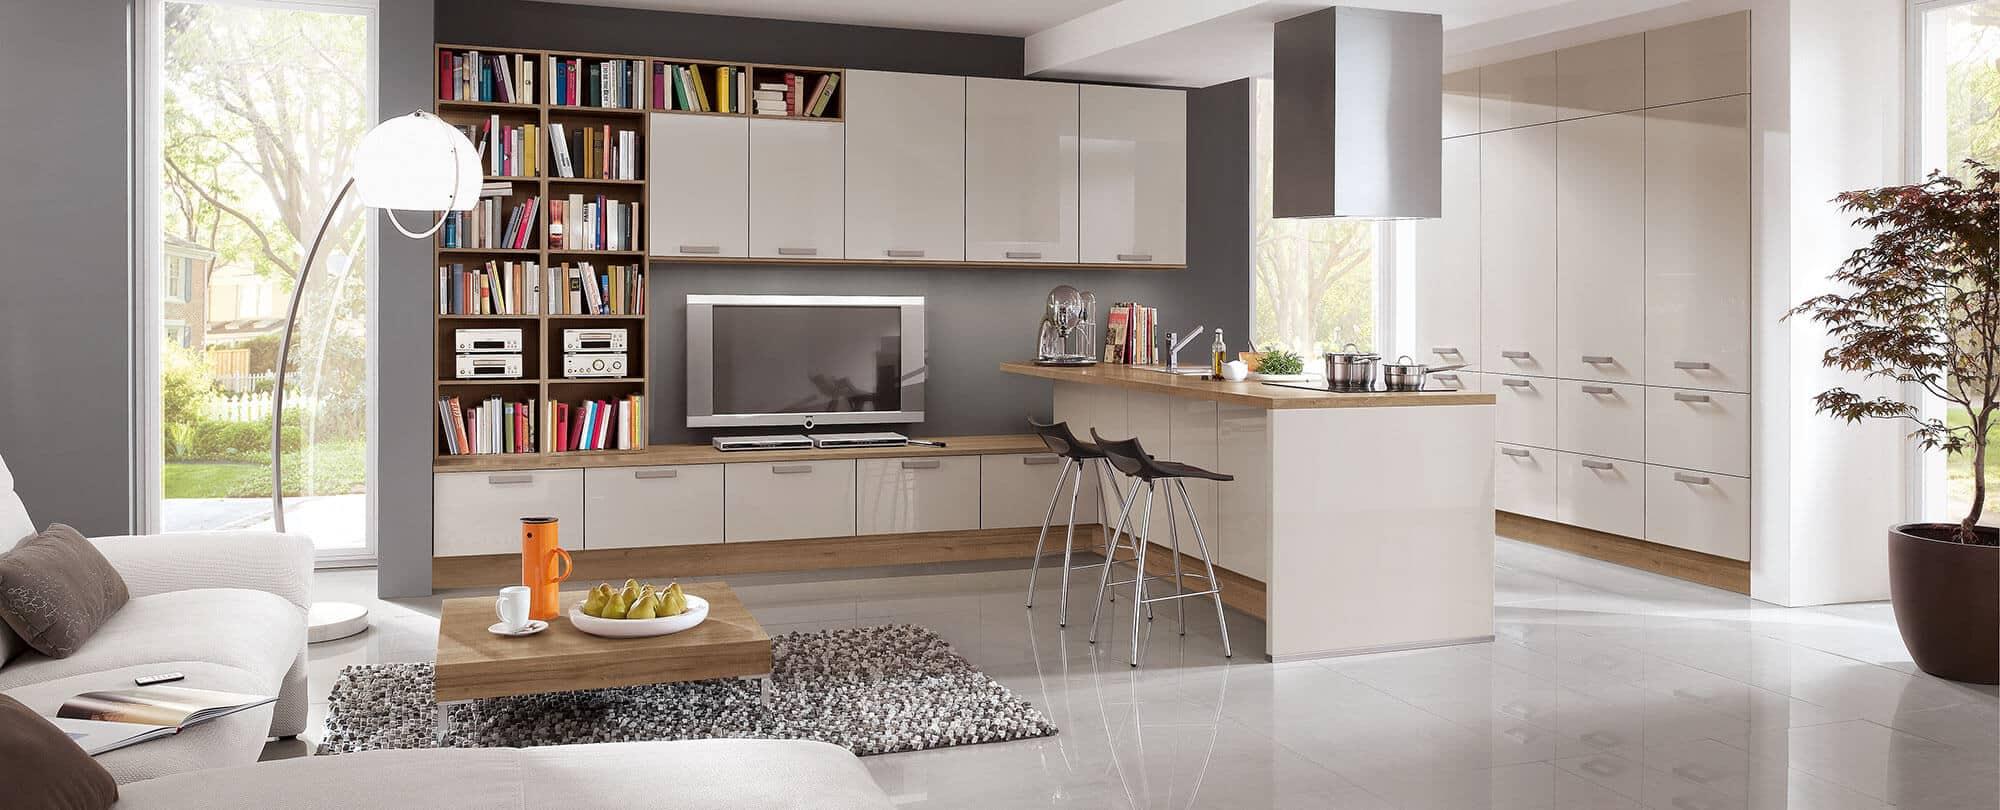 mod le point int gr au salon cuisine brillante k chen spezialist. Black Bedroom Furniture Sets. Home Design Ideas